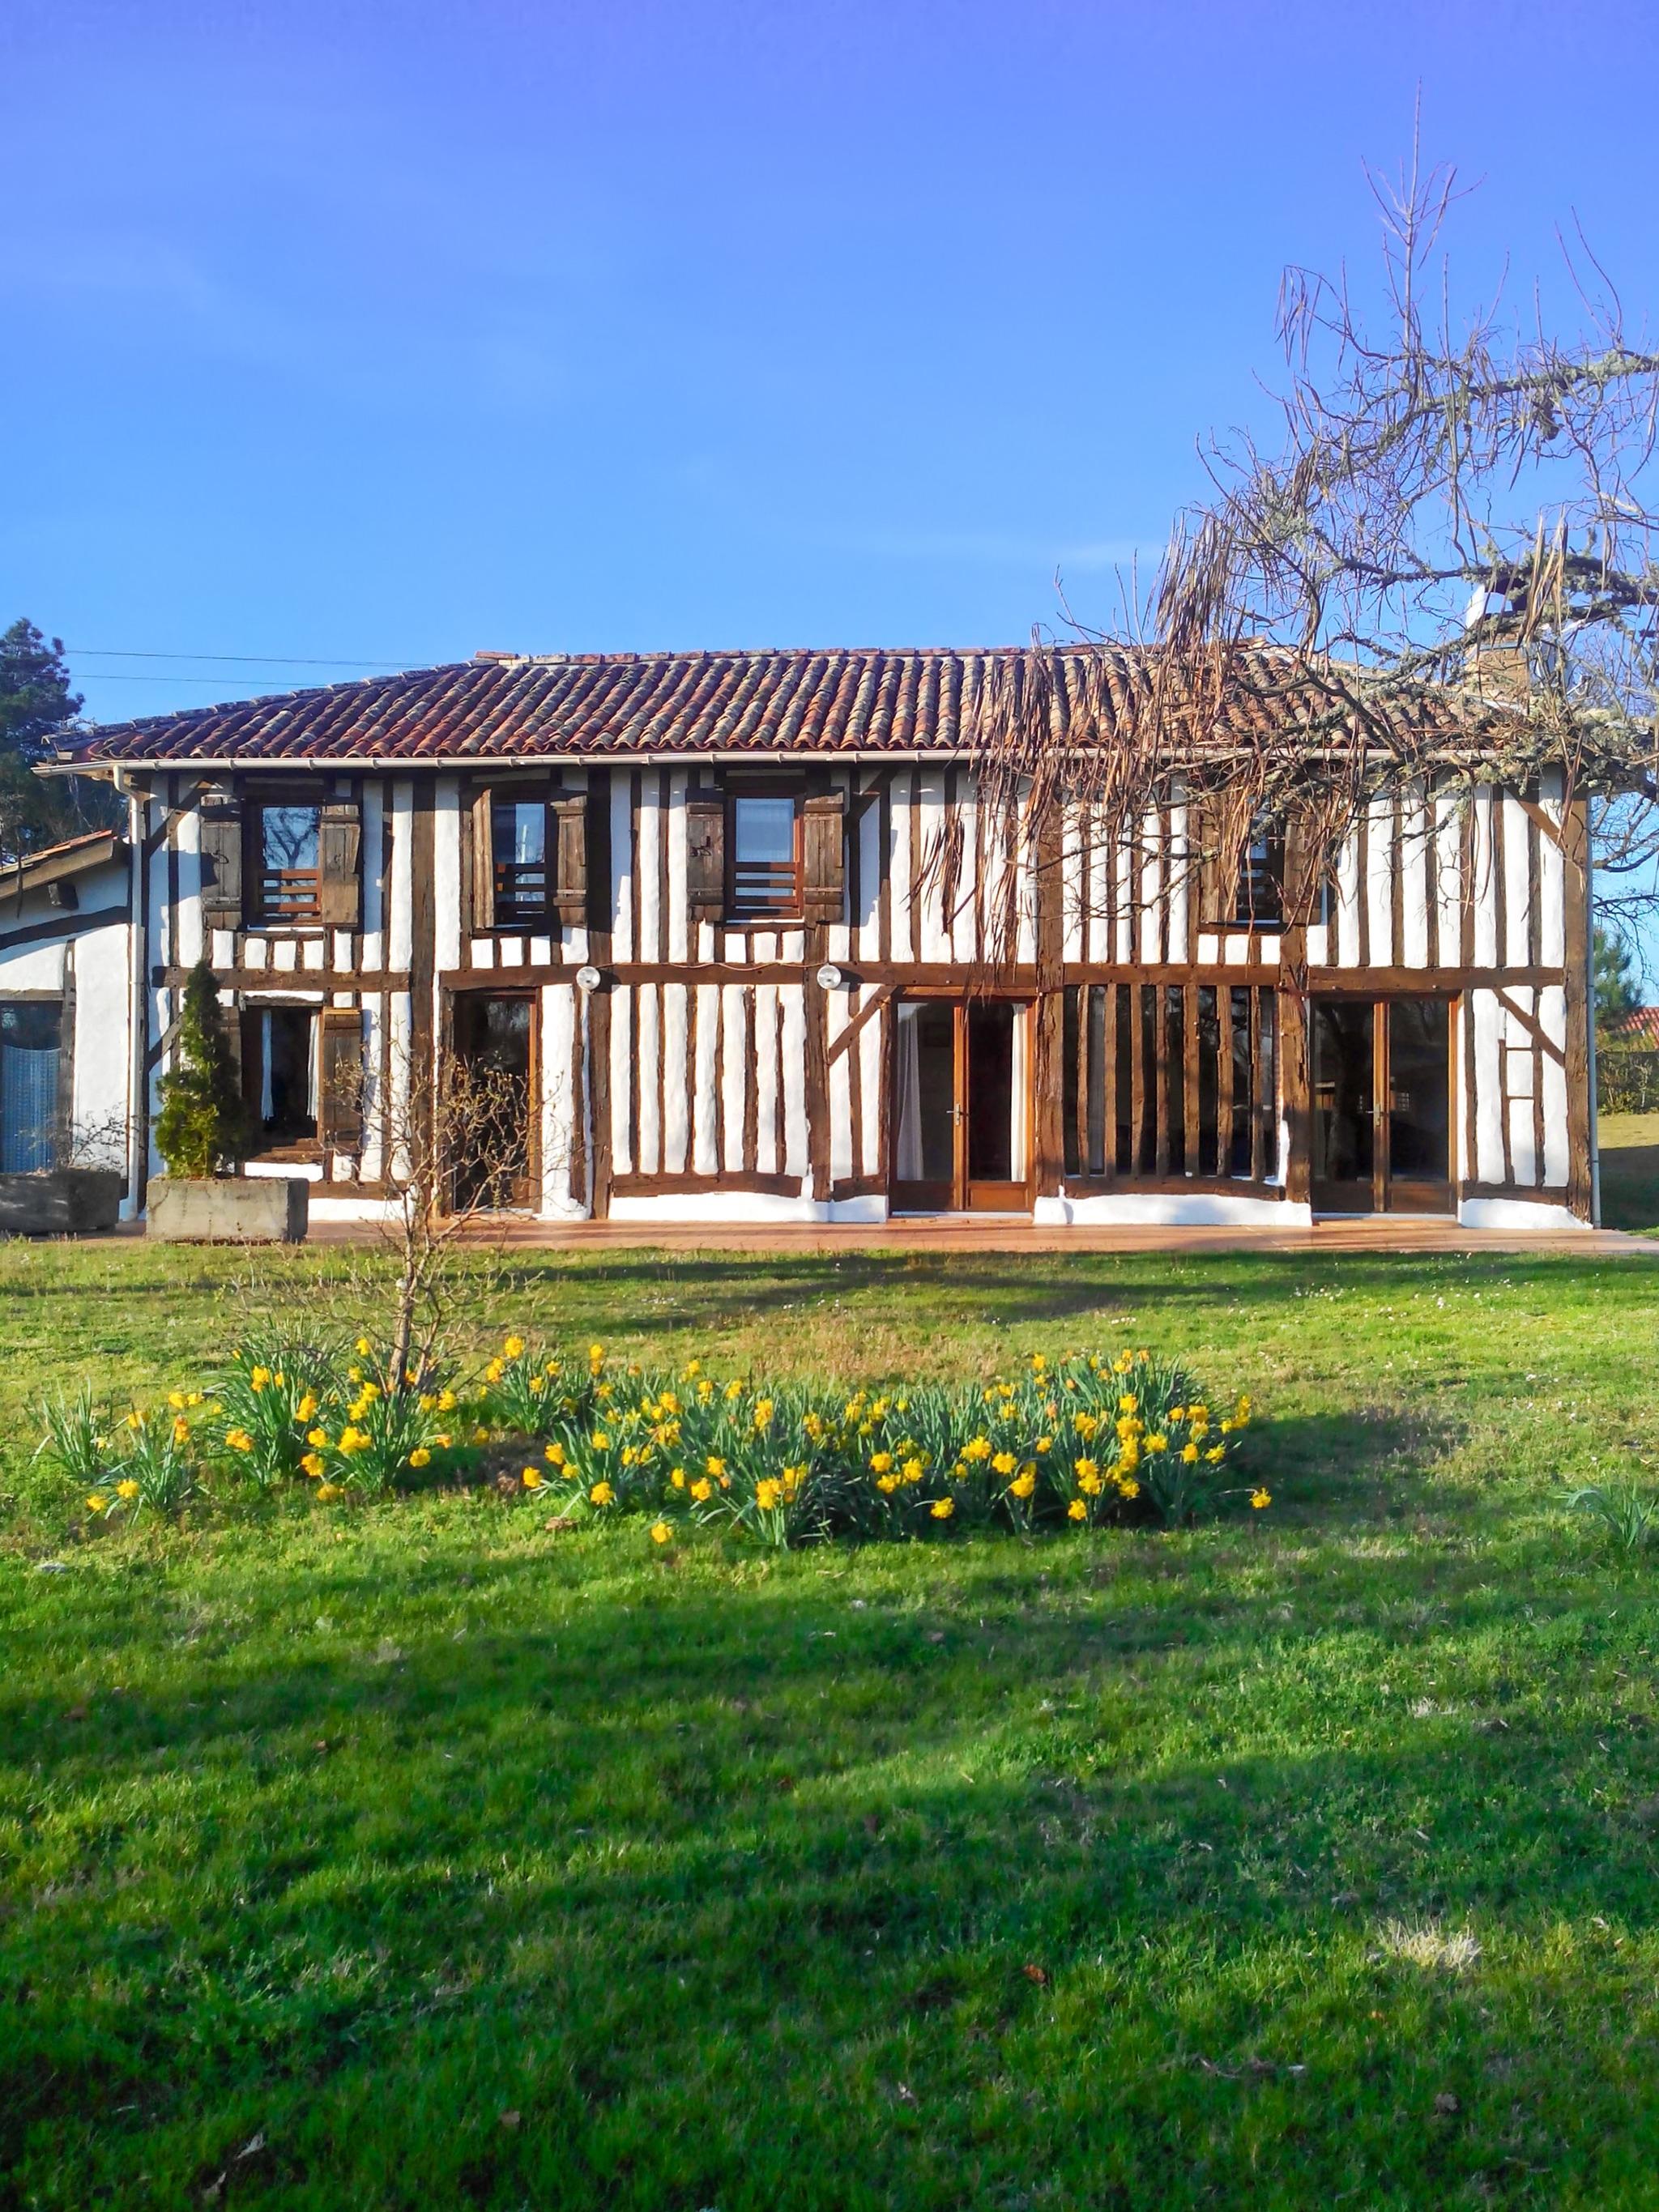 Ferienhaus Villa mit 4 Zimmern in Trensacq mit privatem Pool und möbliertem Garten - 45 km vom Strand (2202366), Trensacq, Landes, Aquitanien, Frankreich, Bild 29